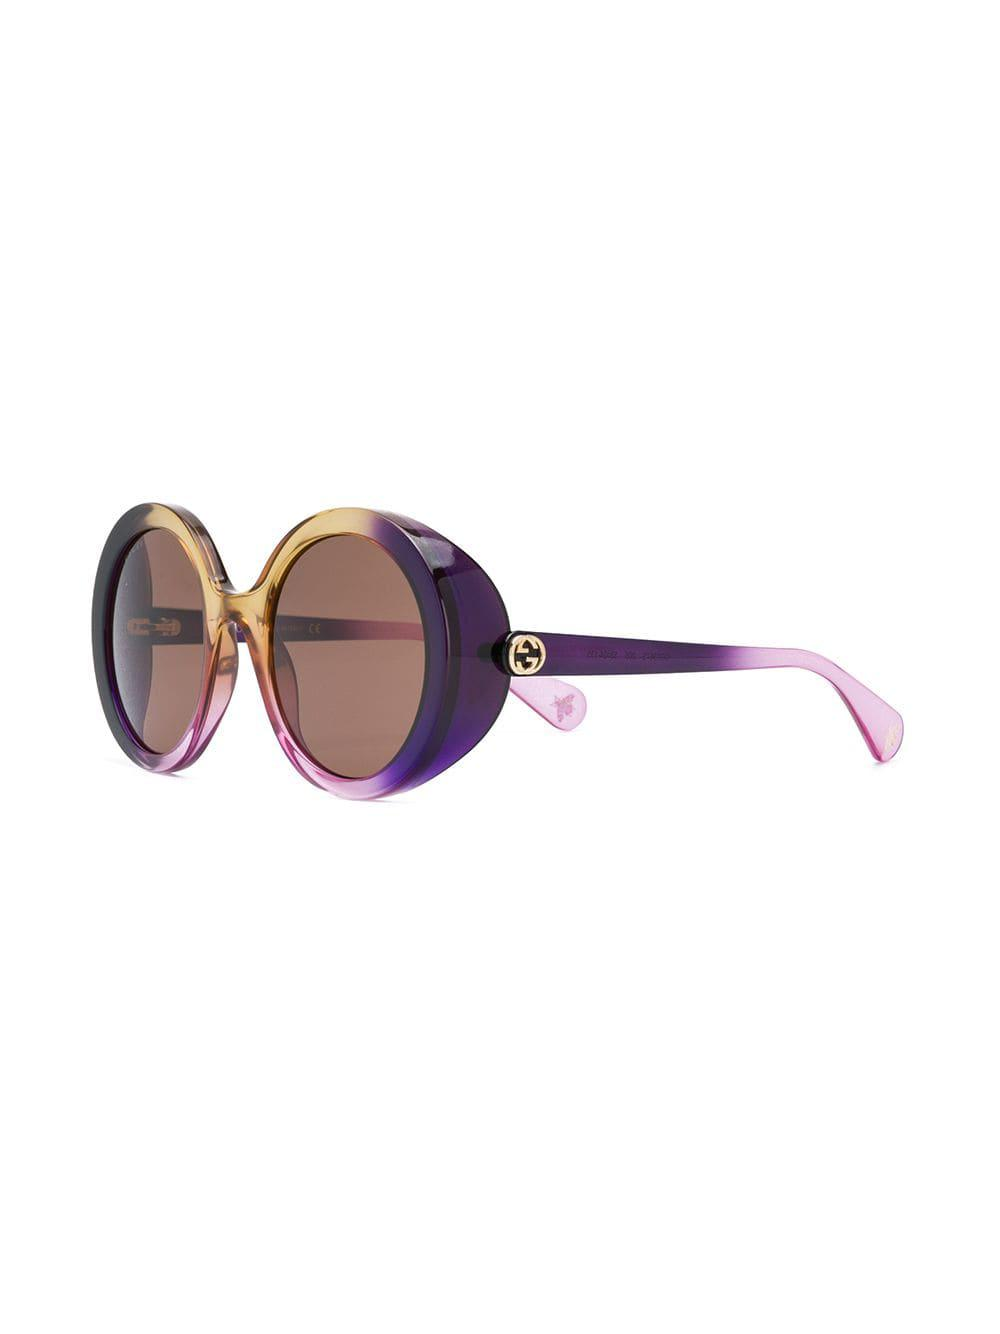 f2fa1a7a73e Gucci Gradient Tinted Sunglasses in Purple - Lyst